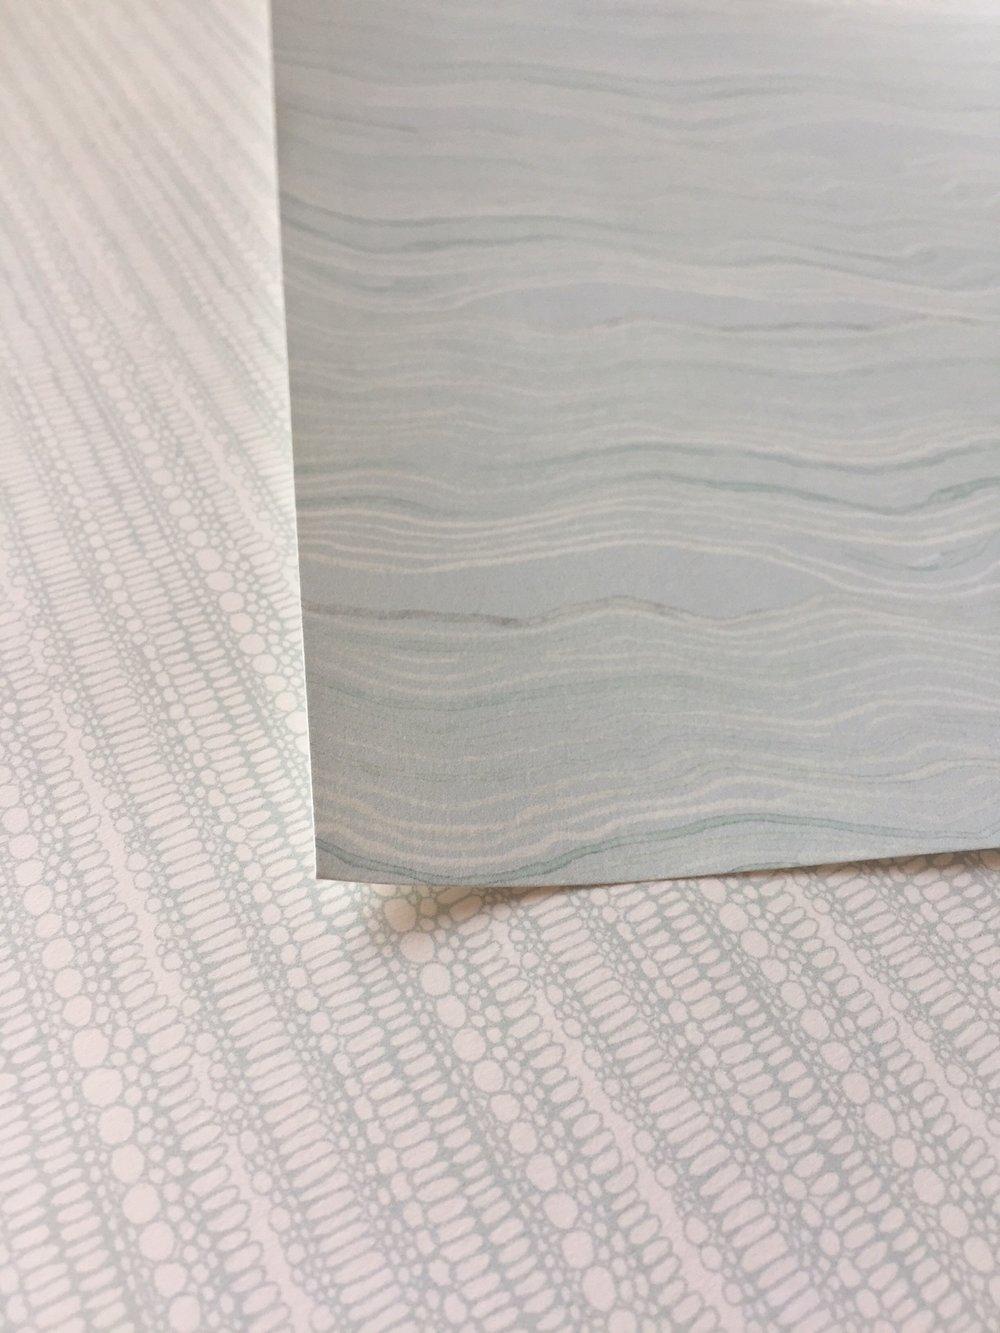 shellrummelwallpaper4.JPG